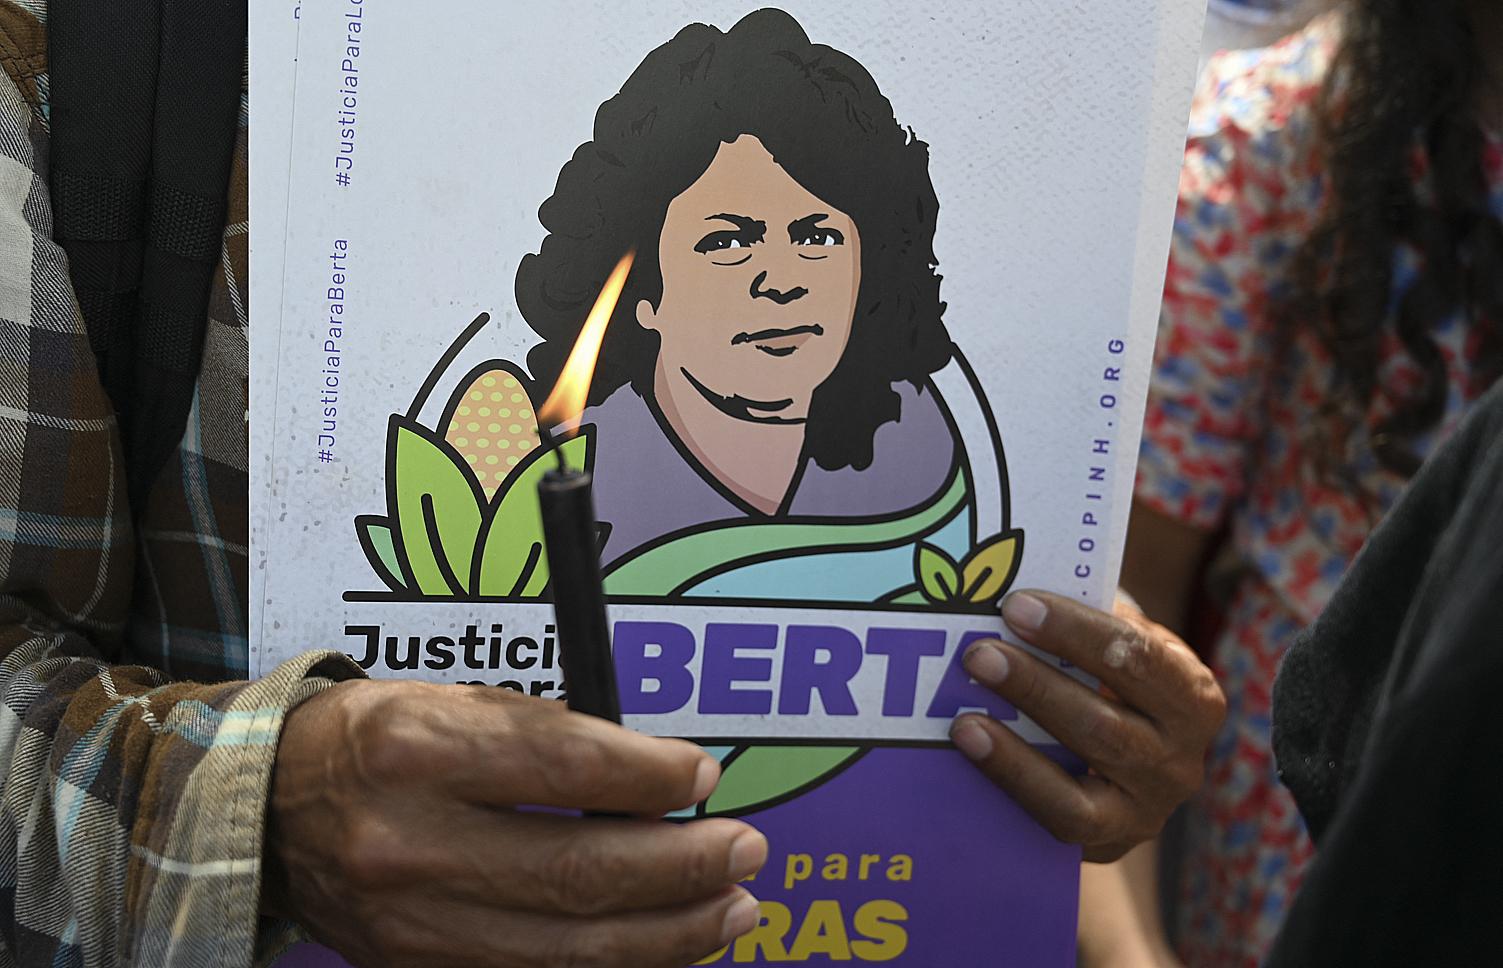 Un activista espera la sentencia mientras muestra una vela y una ilustración de la ambientalista.